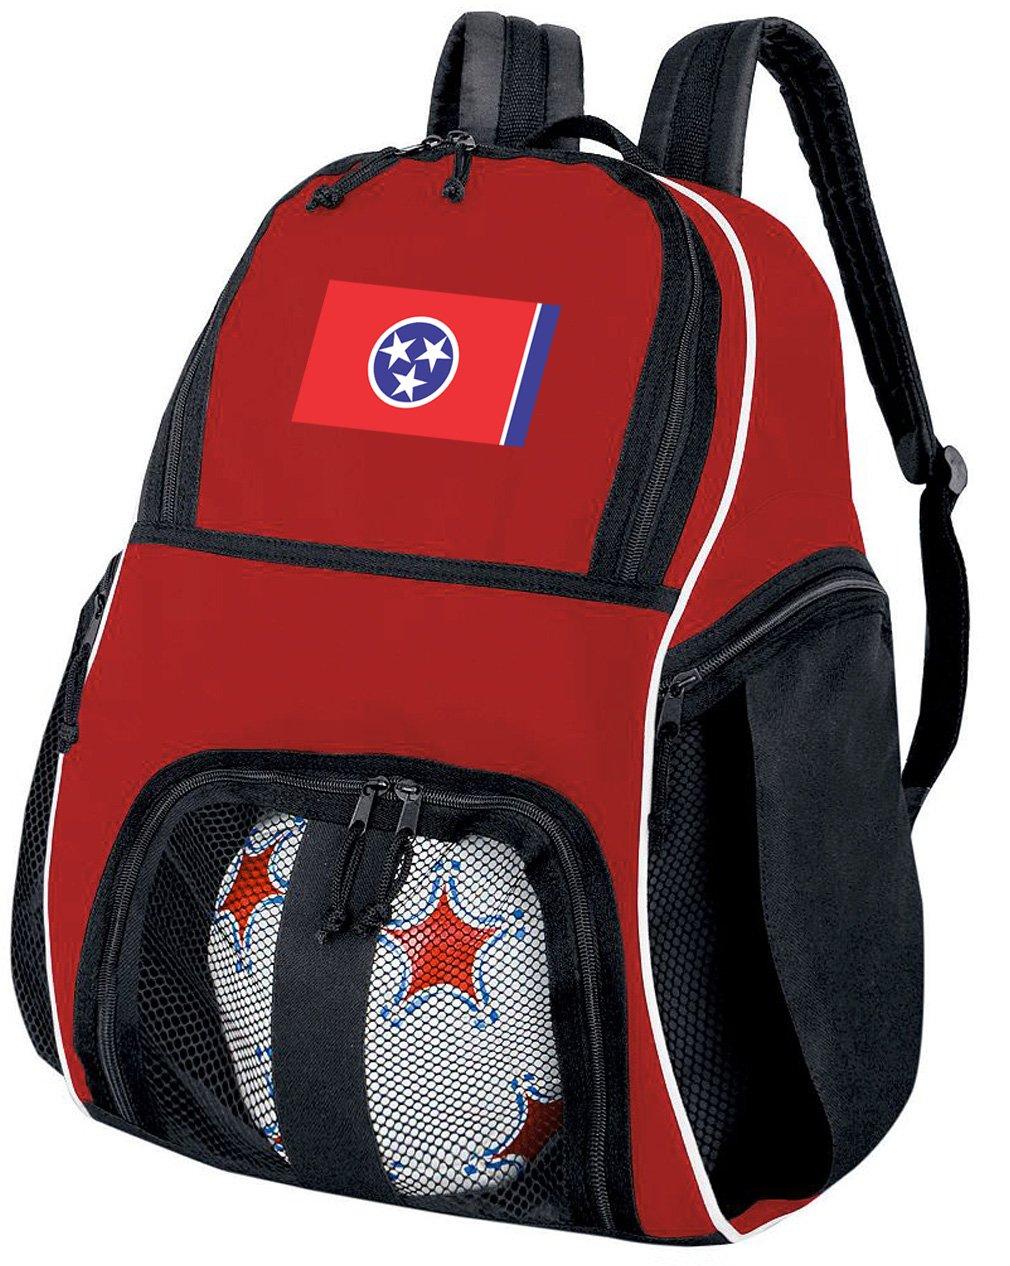 Broad Bayテネシー州テネシー州サッカーボールバックパックまたはフラグバレーボールバッグ B07CYGNK4M